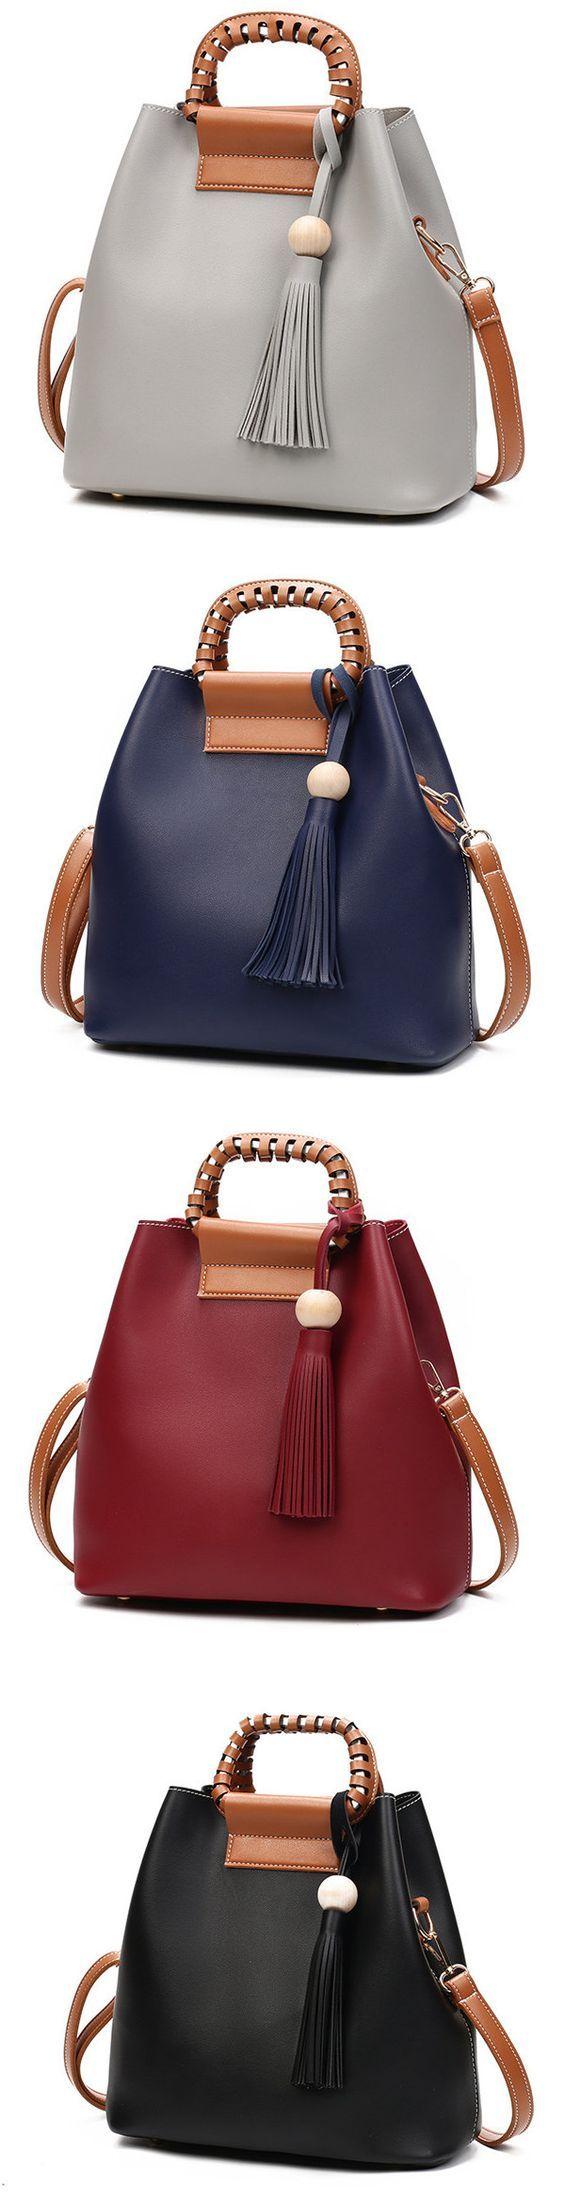 Bolsa de couro minimalista https://www.deoliatelier.com.br/ Deoli Atelier